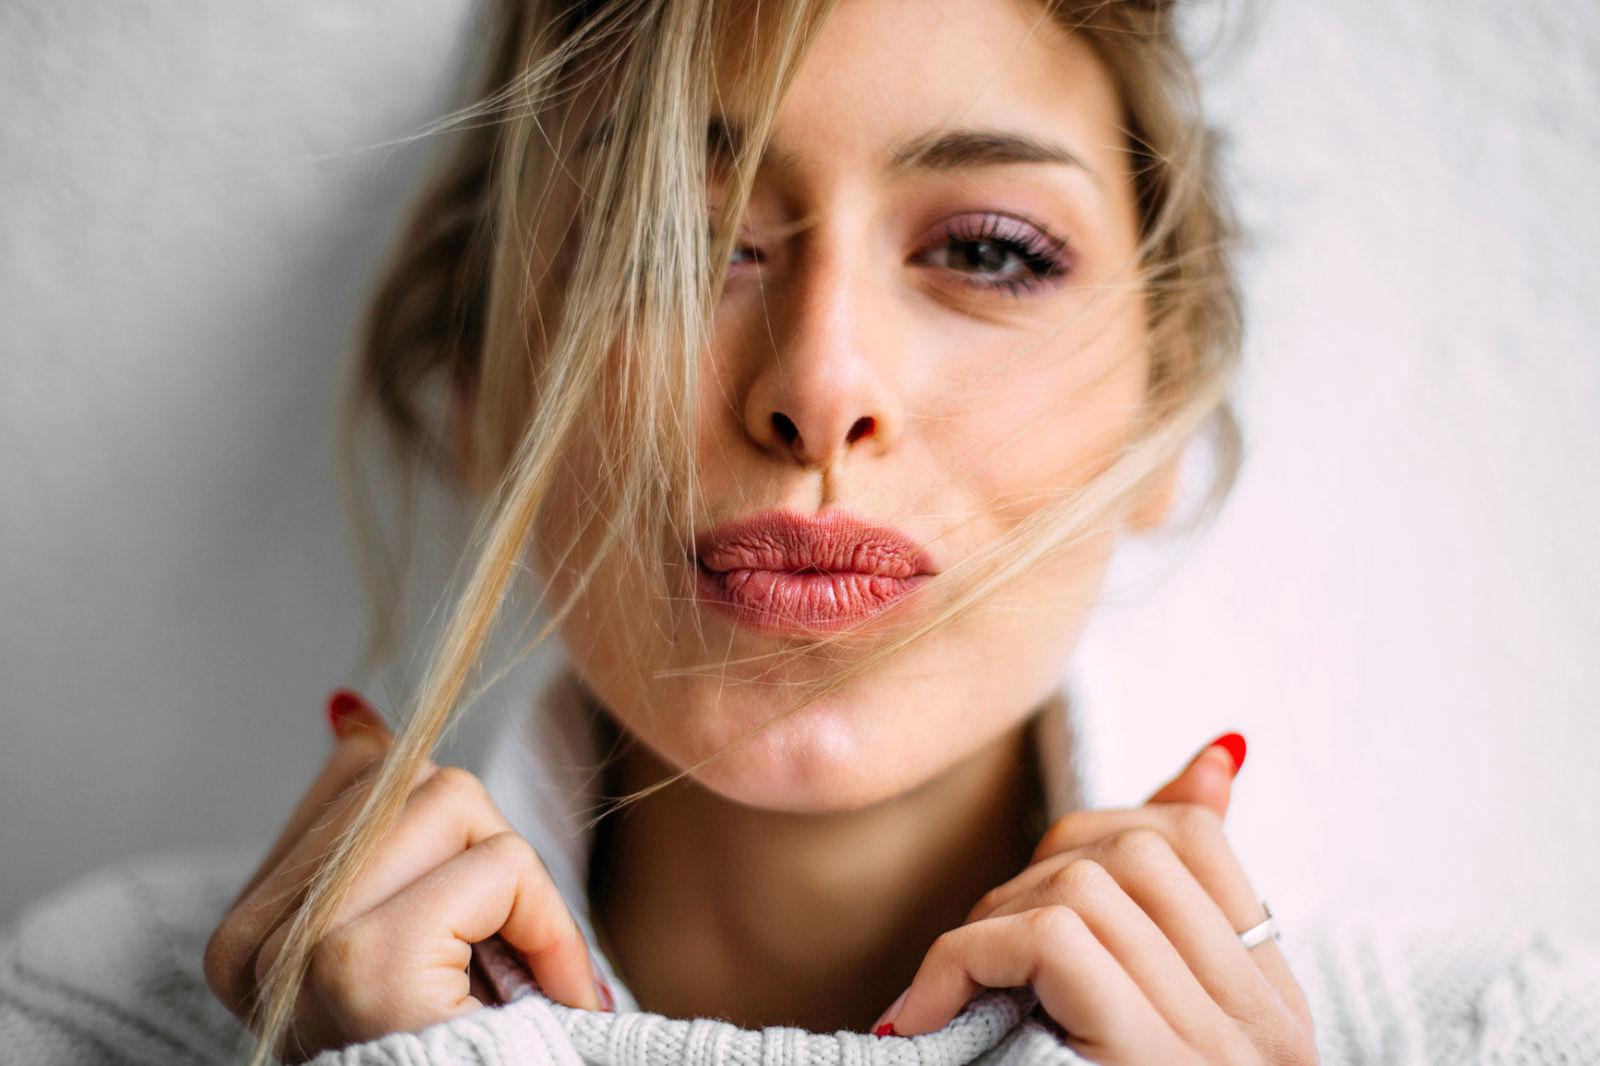 Советы косметологов по уходу за кожей после 25 лет